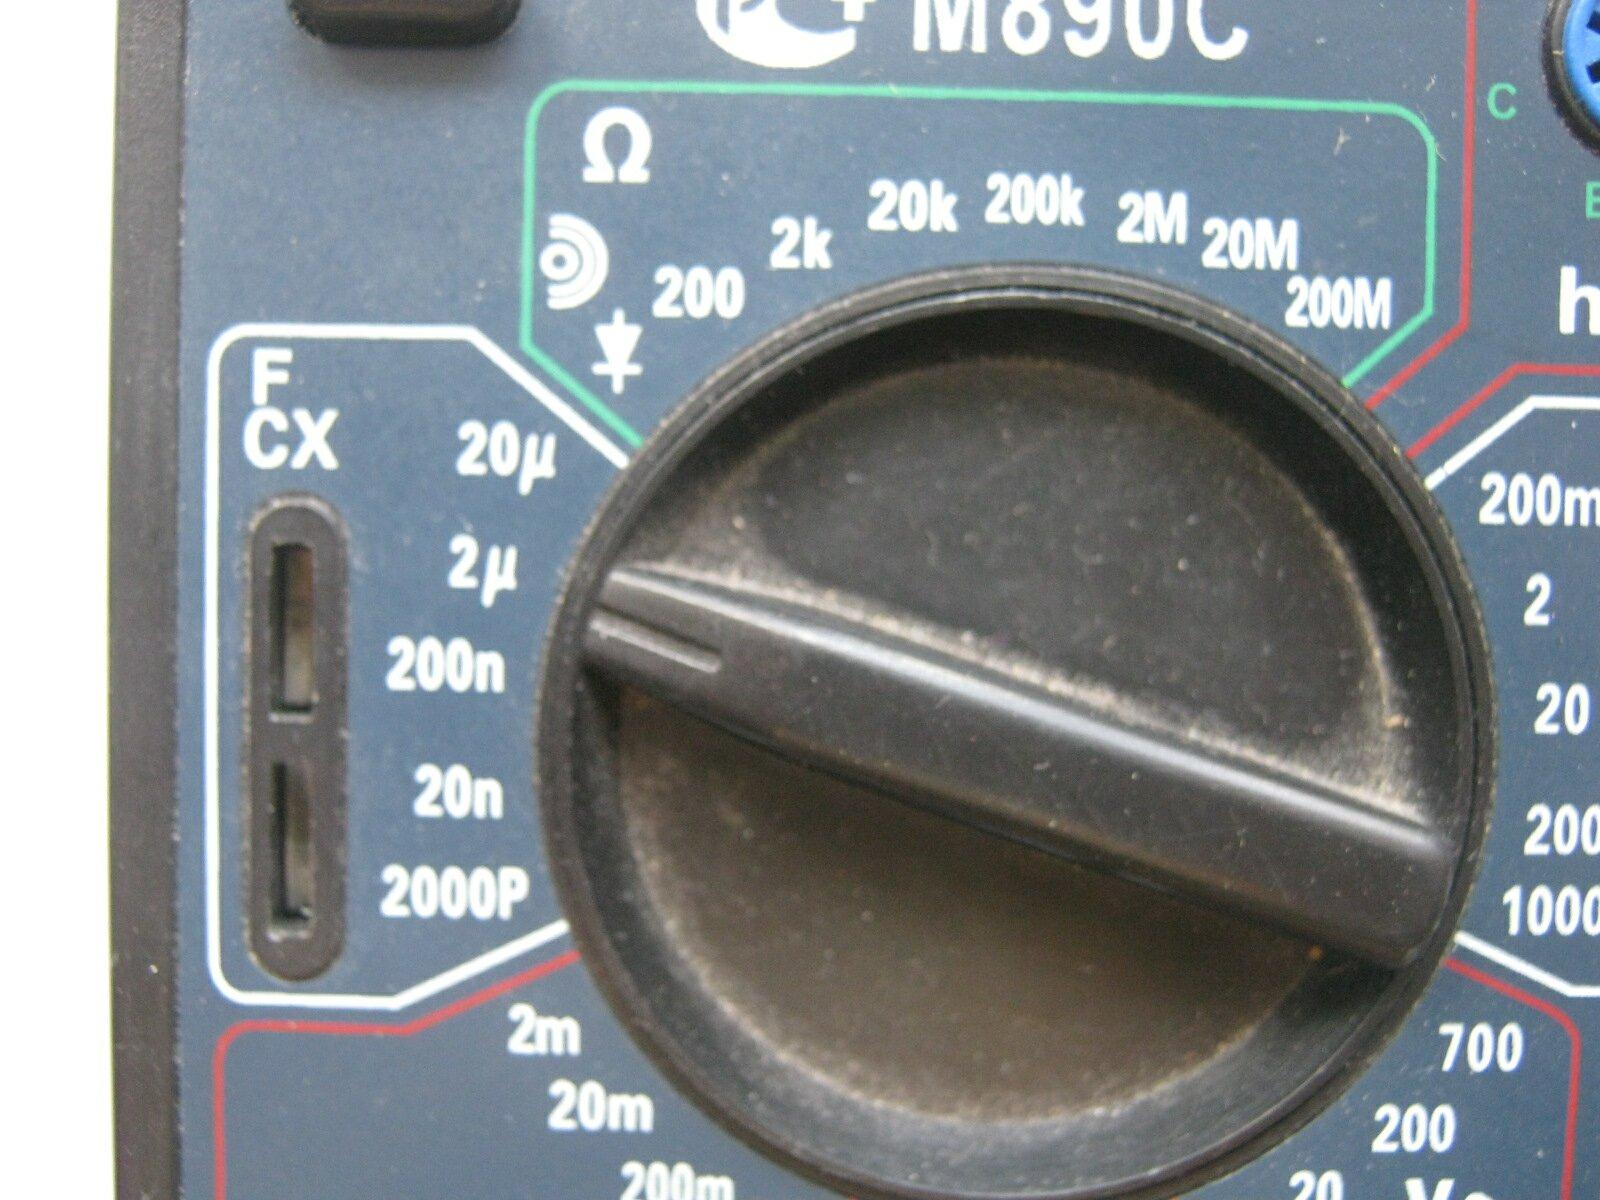 Ремонт вентилятора своими руками бытового напольного